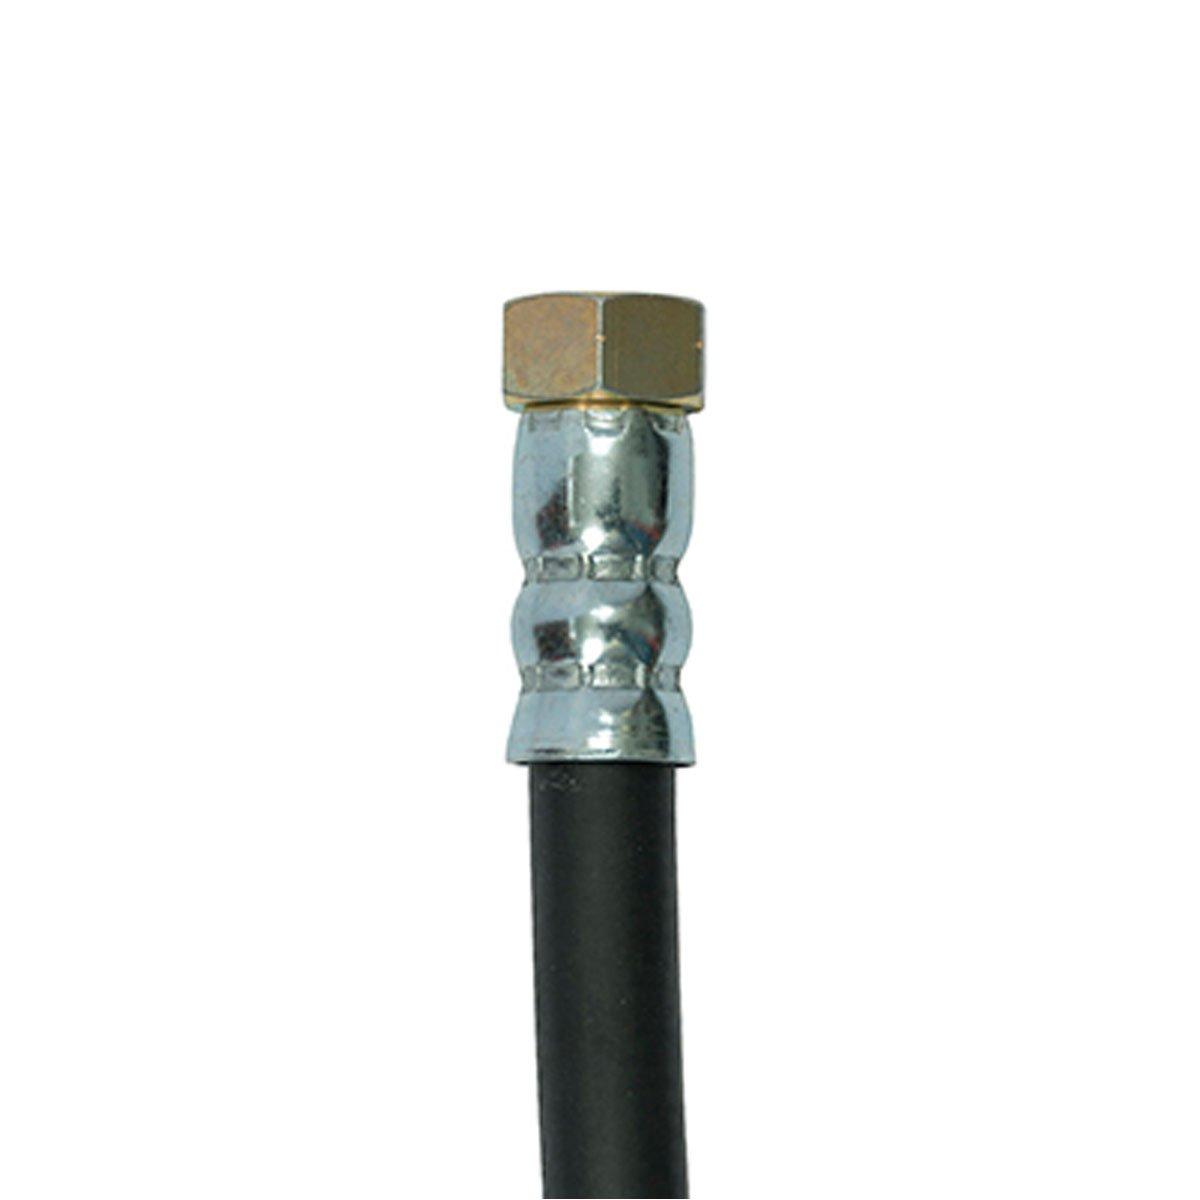 Edelmann 148540 Fitting TOMKINS PLC